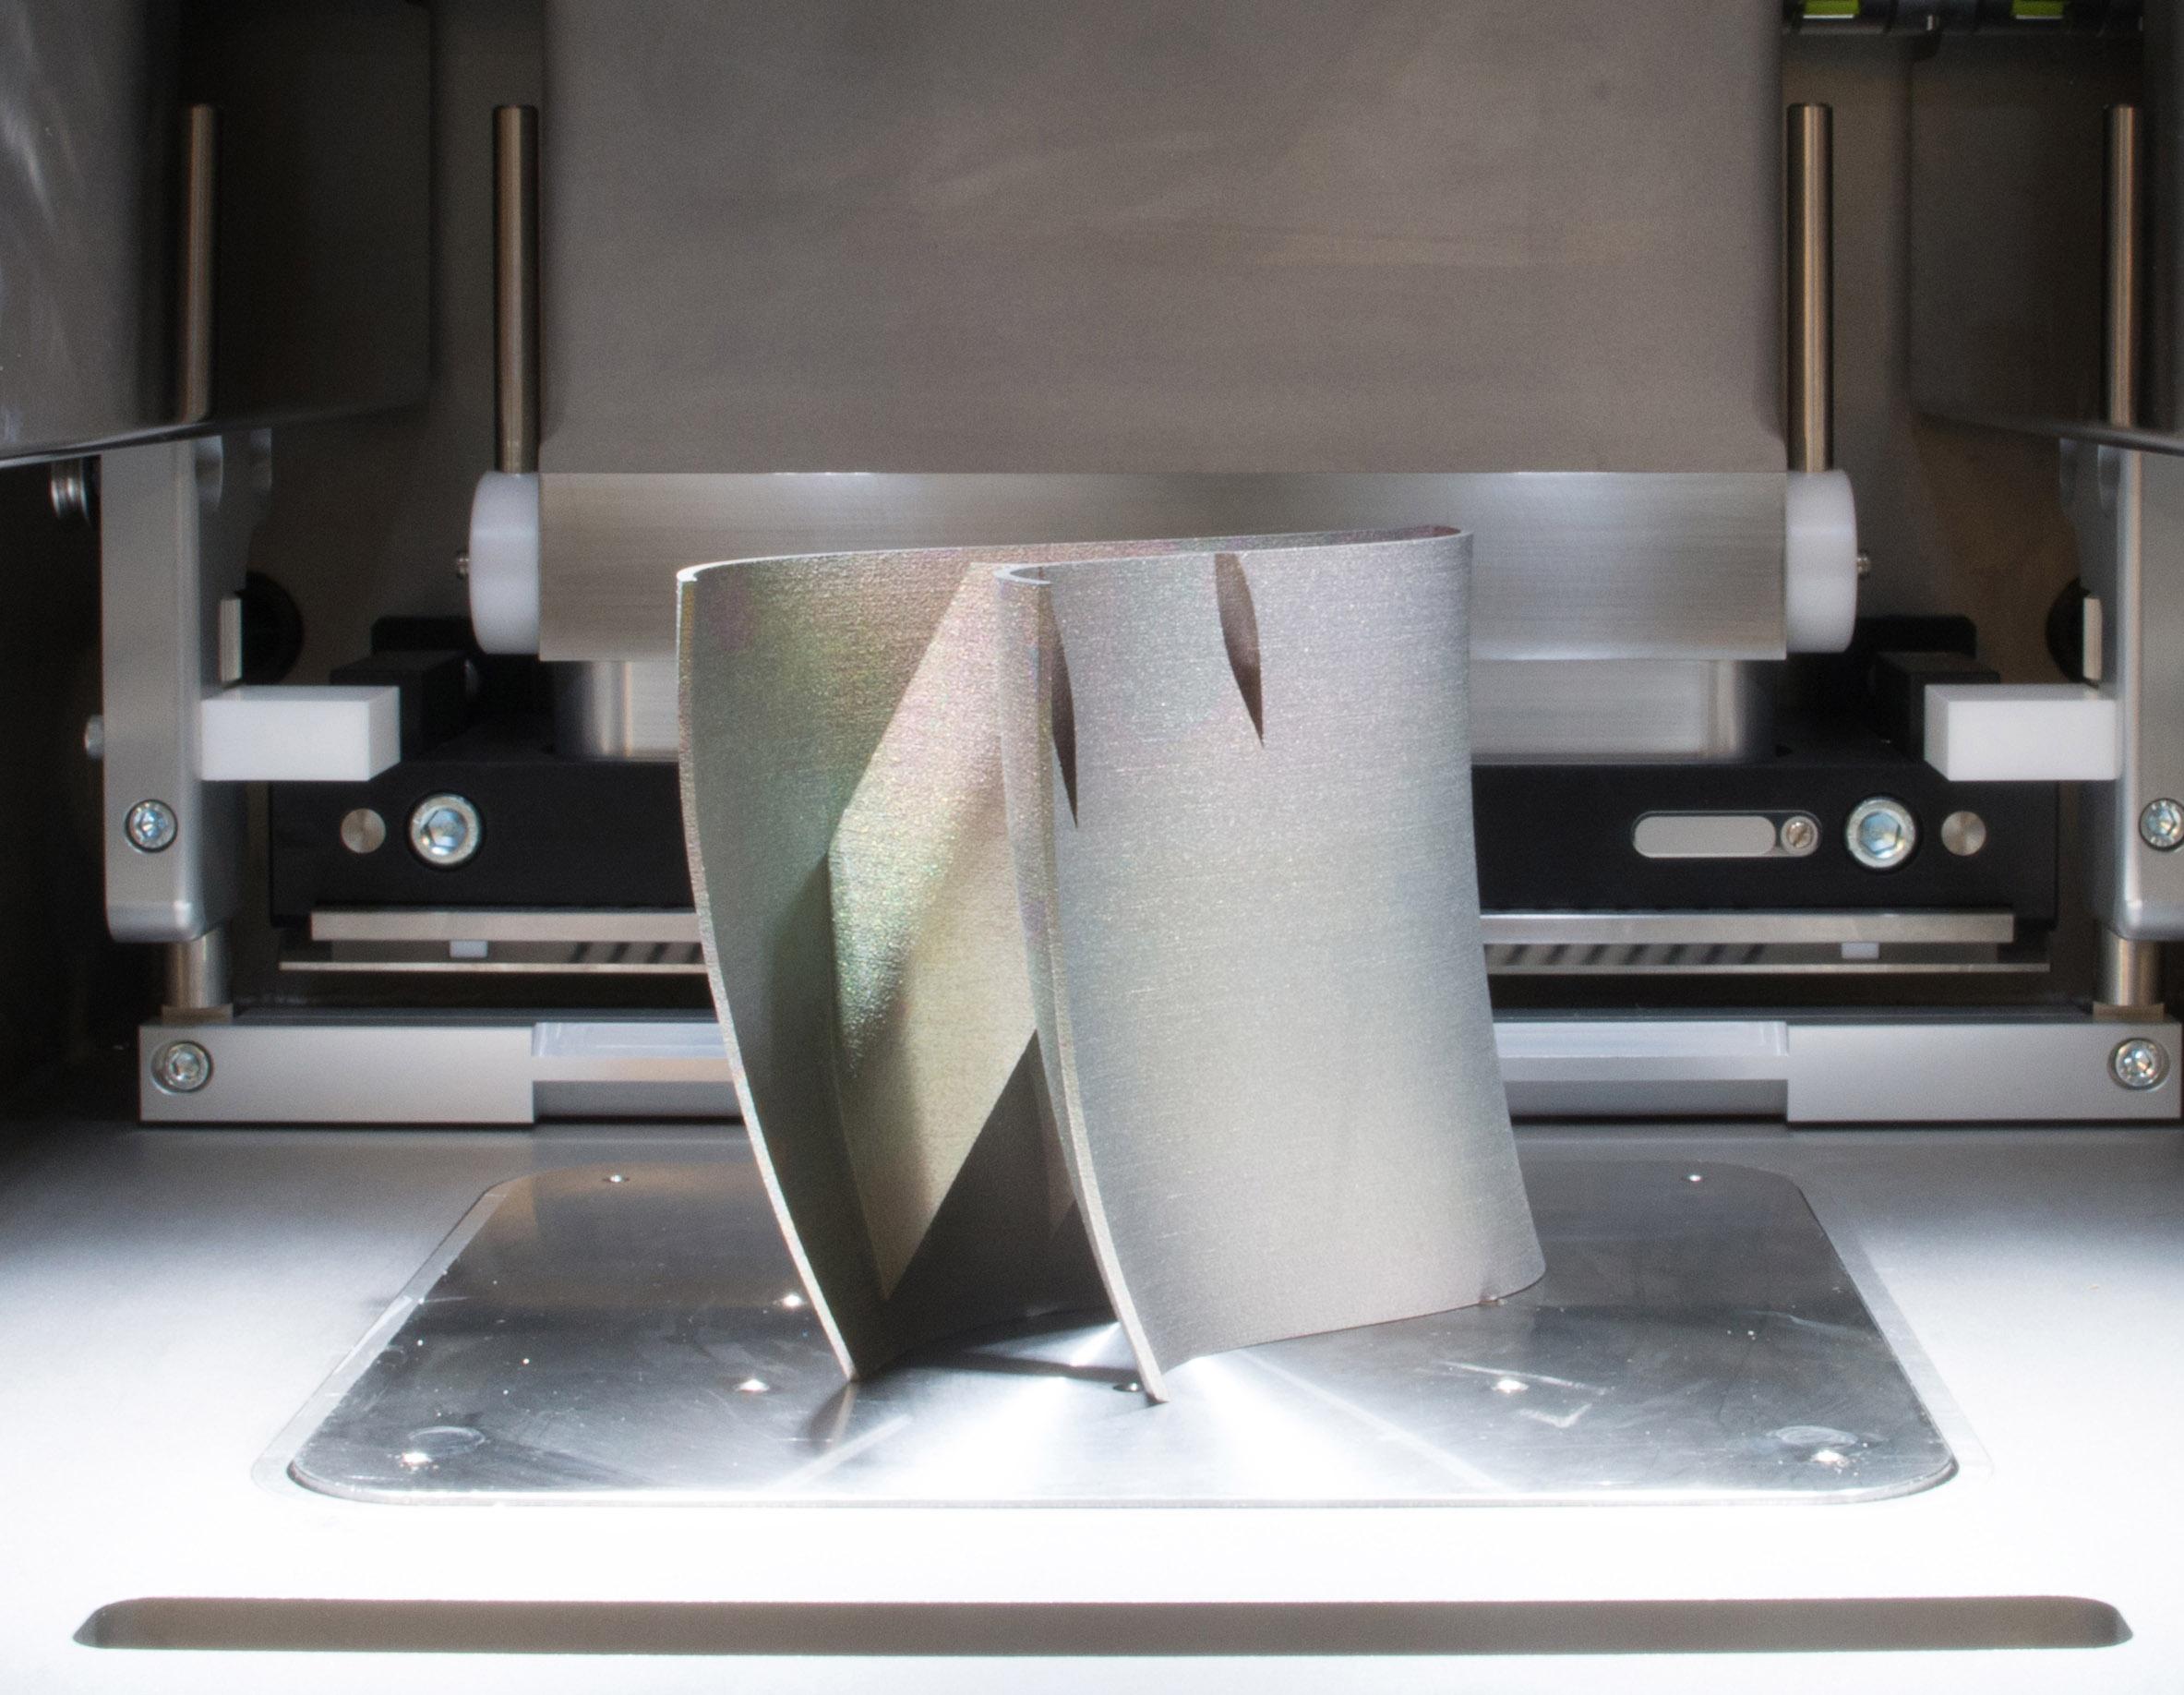 3D Produced Metal Component